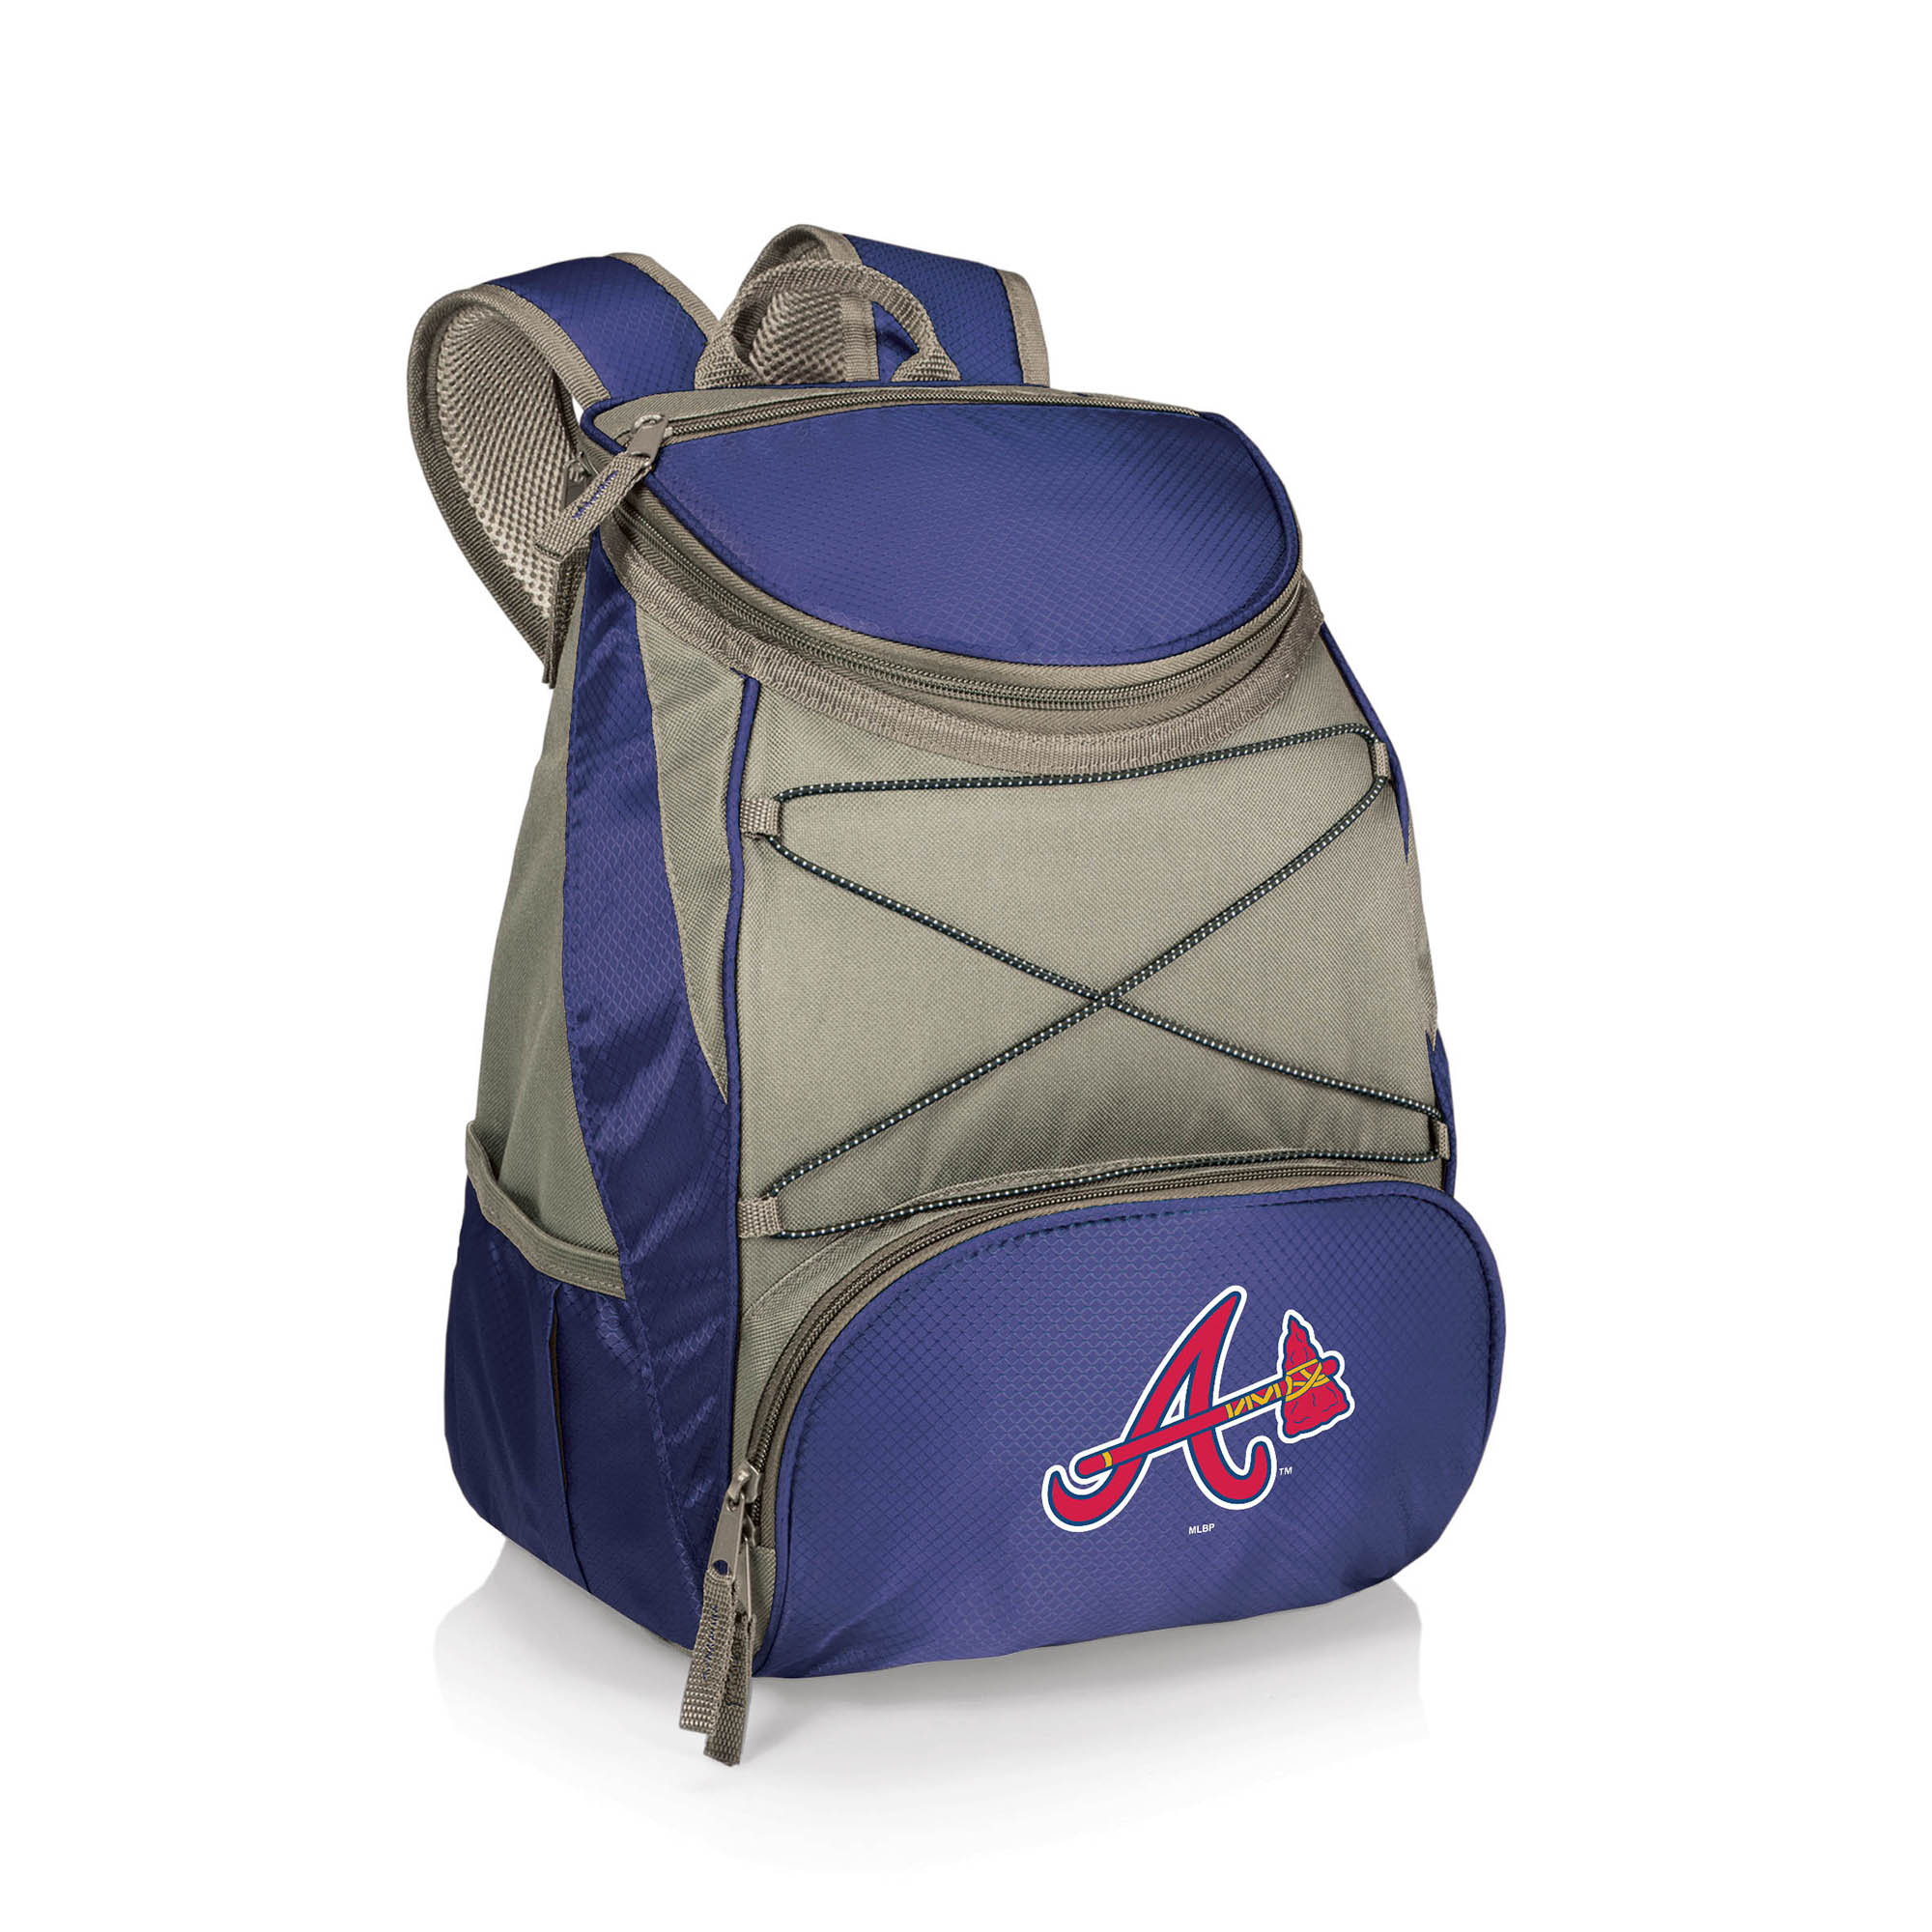 Atlanta Braves PTX Backpack Cooler - Navy - No Size